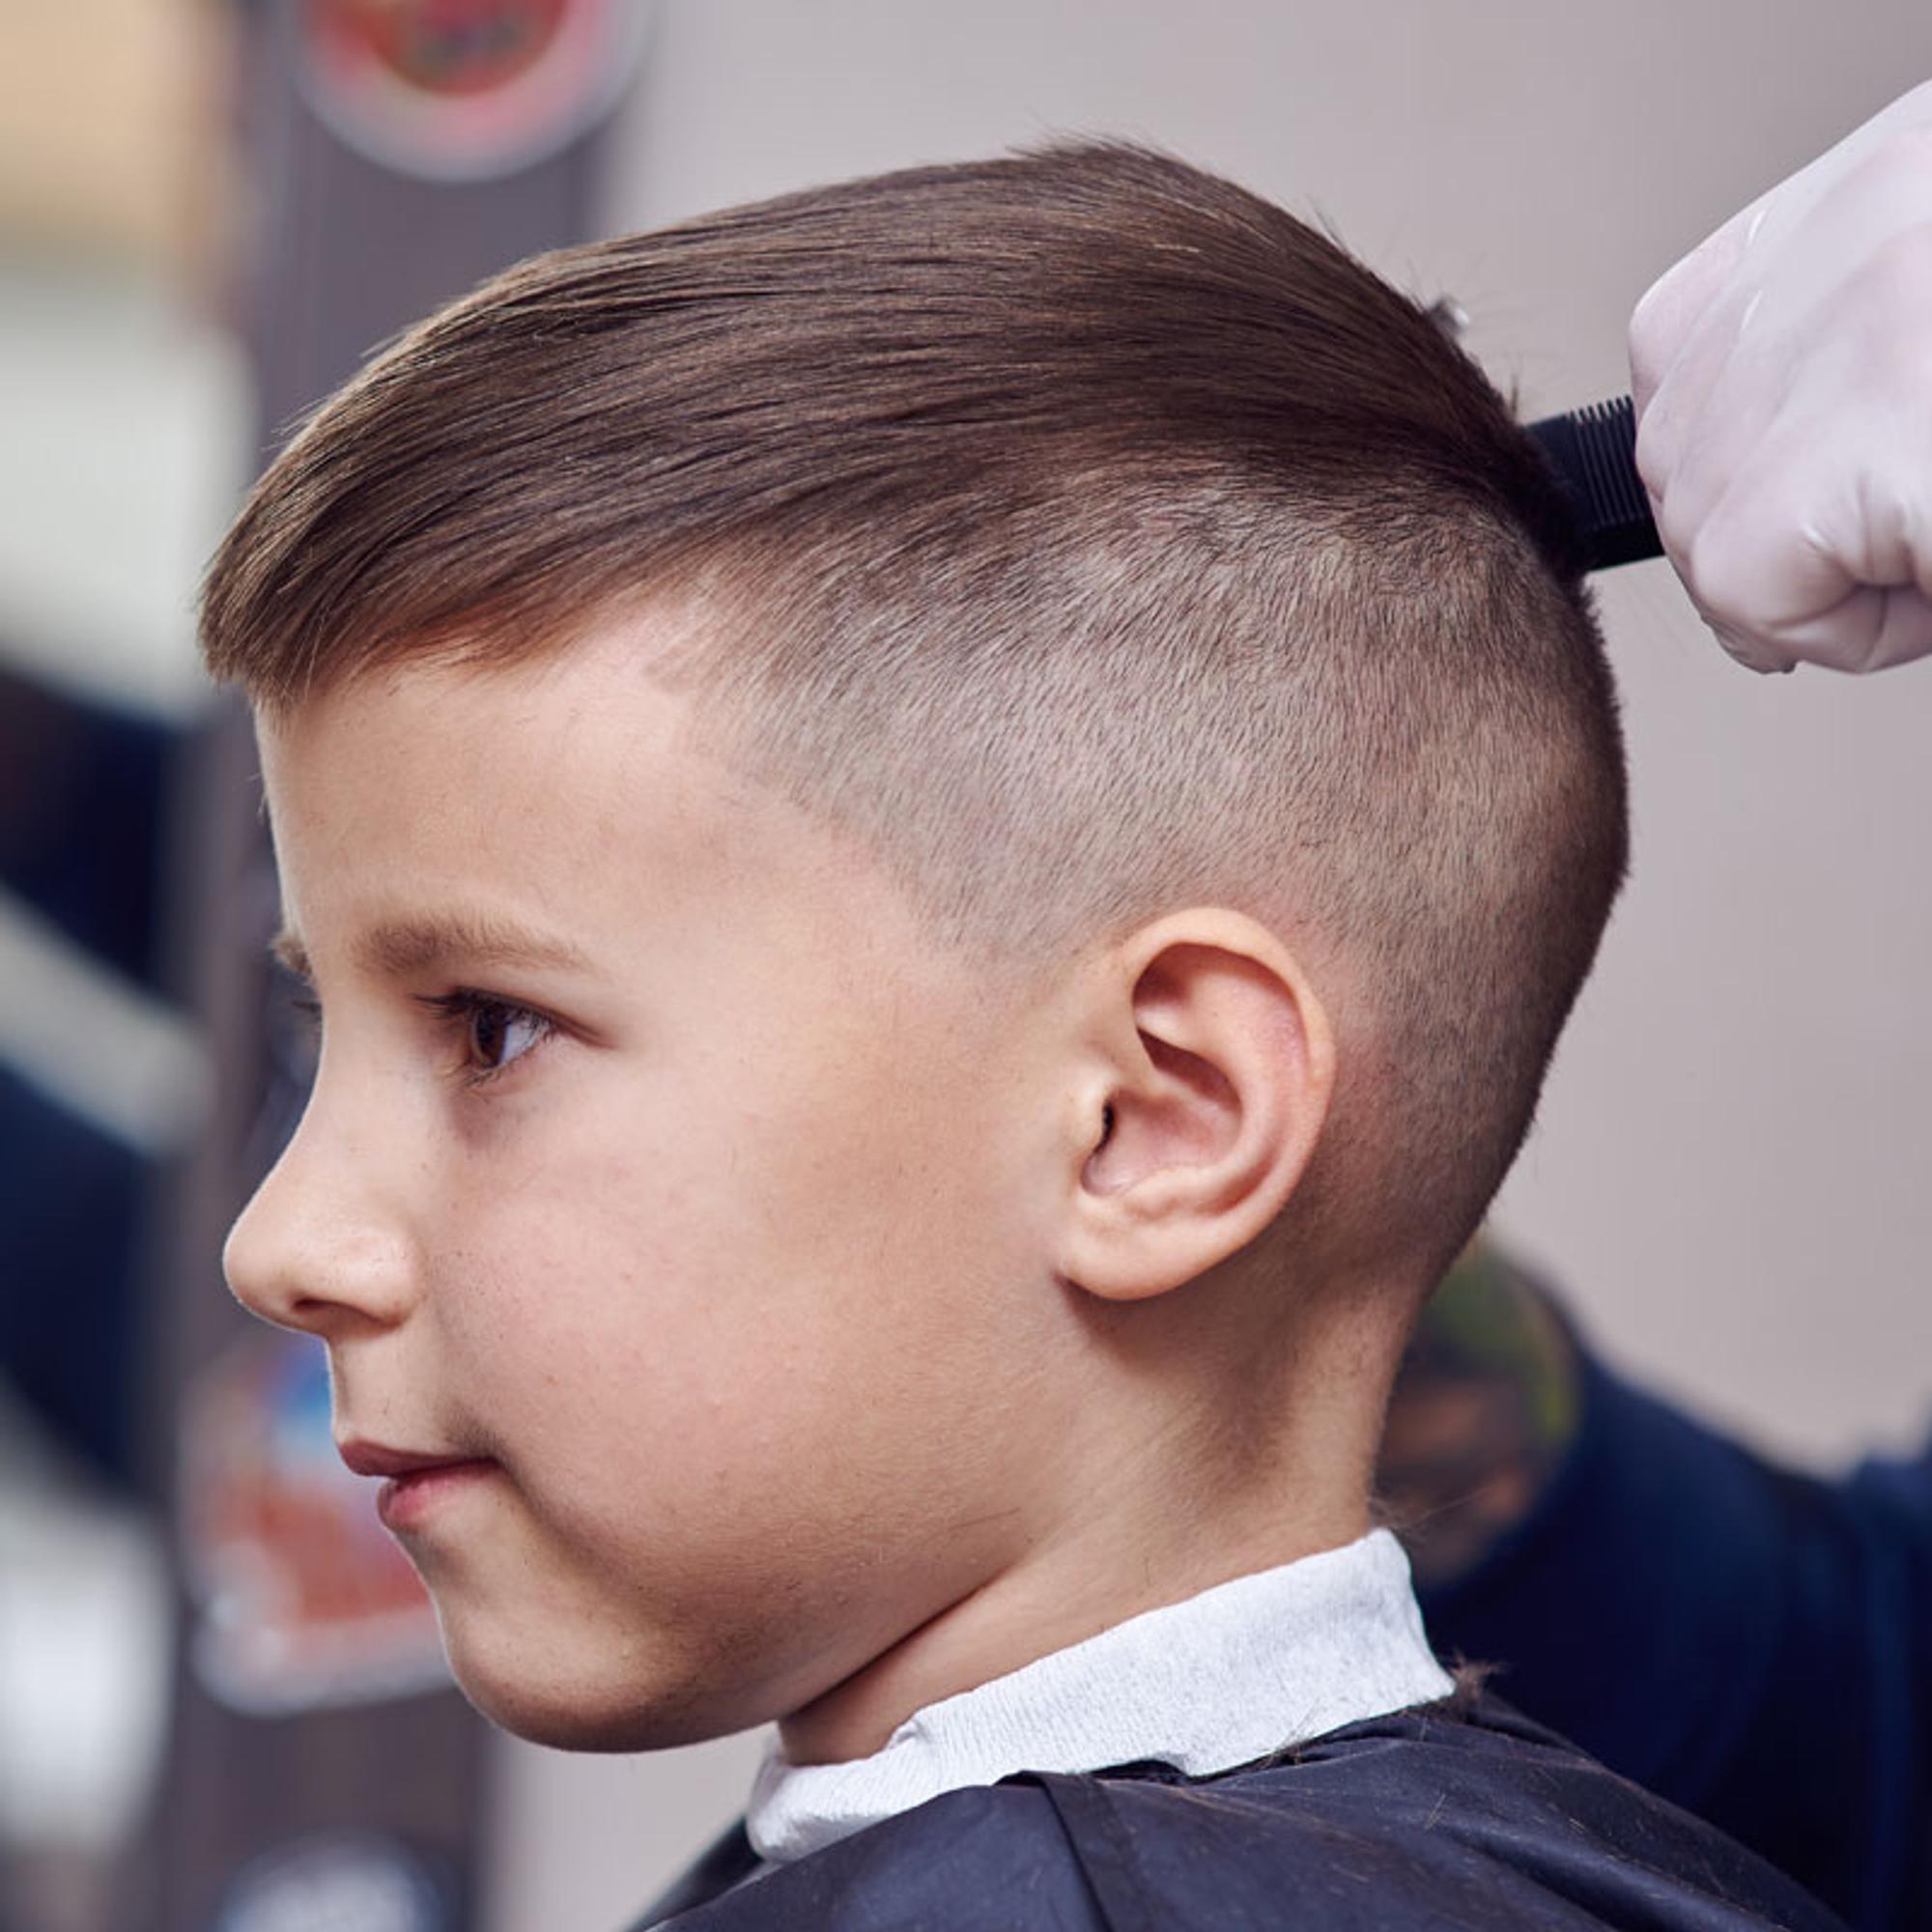 9 coole Frisuren für Jungs zum Nachstylen - Hallo Eltern